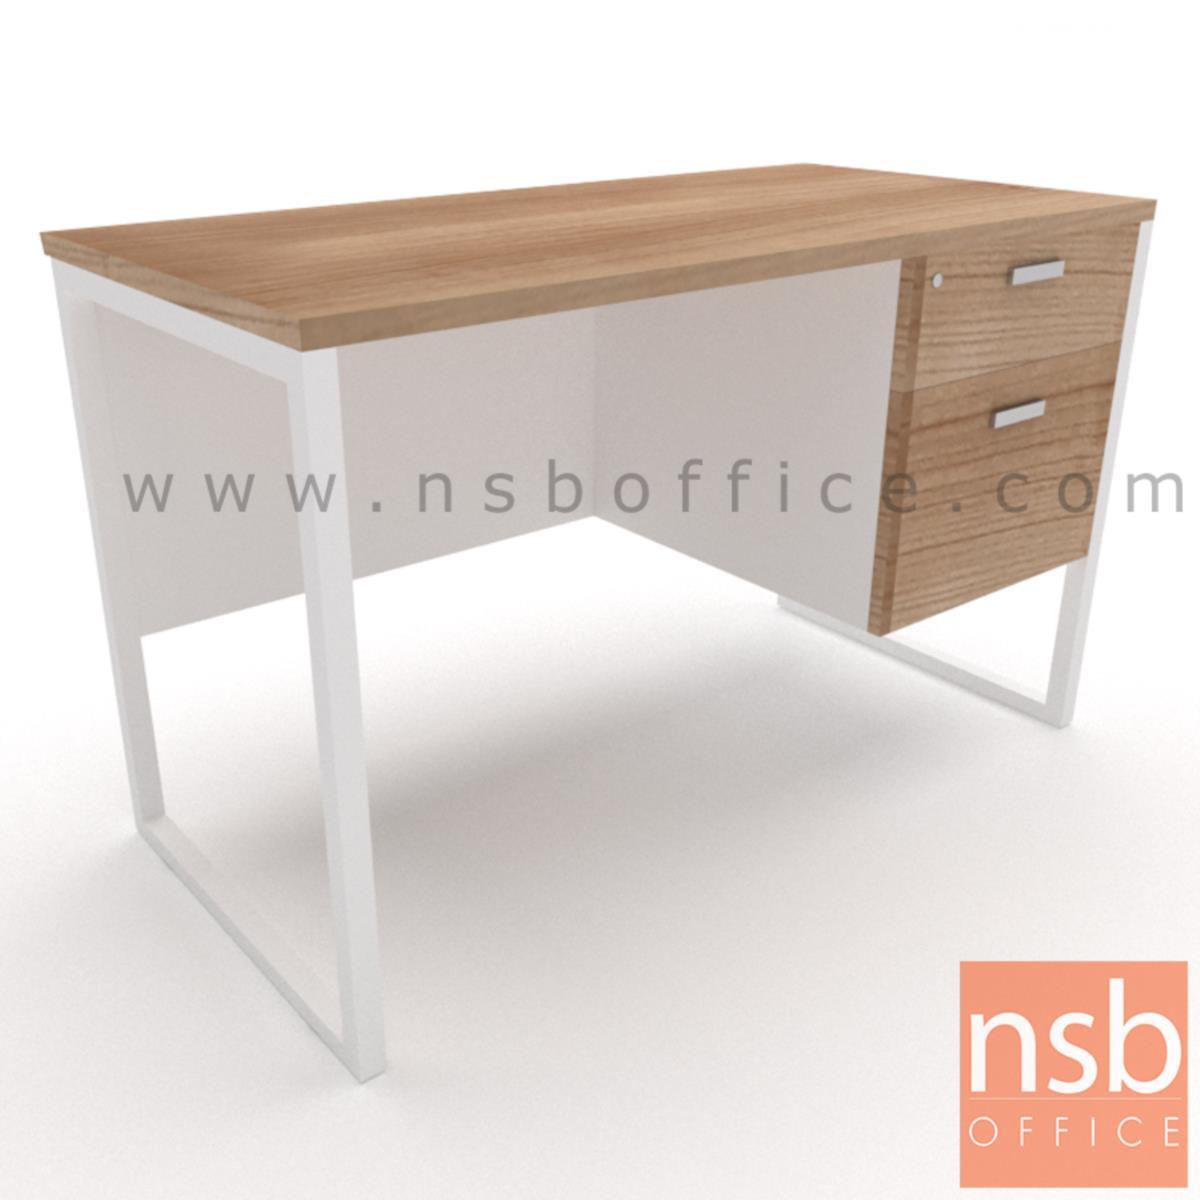 A18A038:โต๊ะทำงาน 2 ลิ้นชัก รุ่น Mondaine (มอนเดน) ขนาด 120W ,135W ,150W ,160W ,180W cm.  ขาเหล็กกล่องพ่นสี